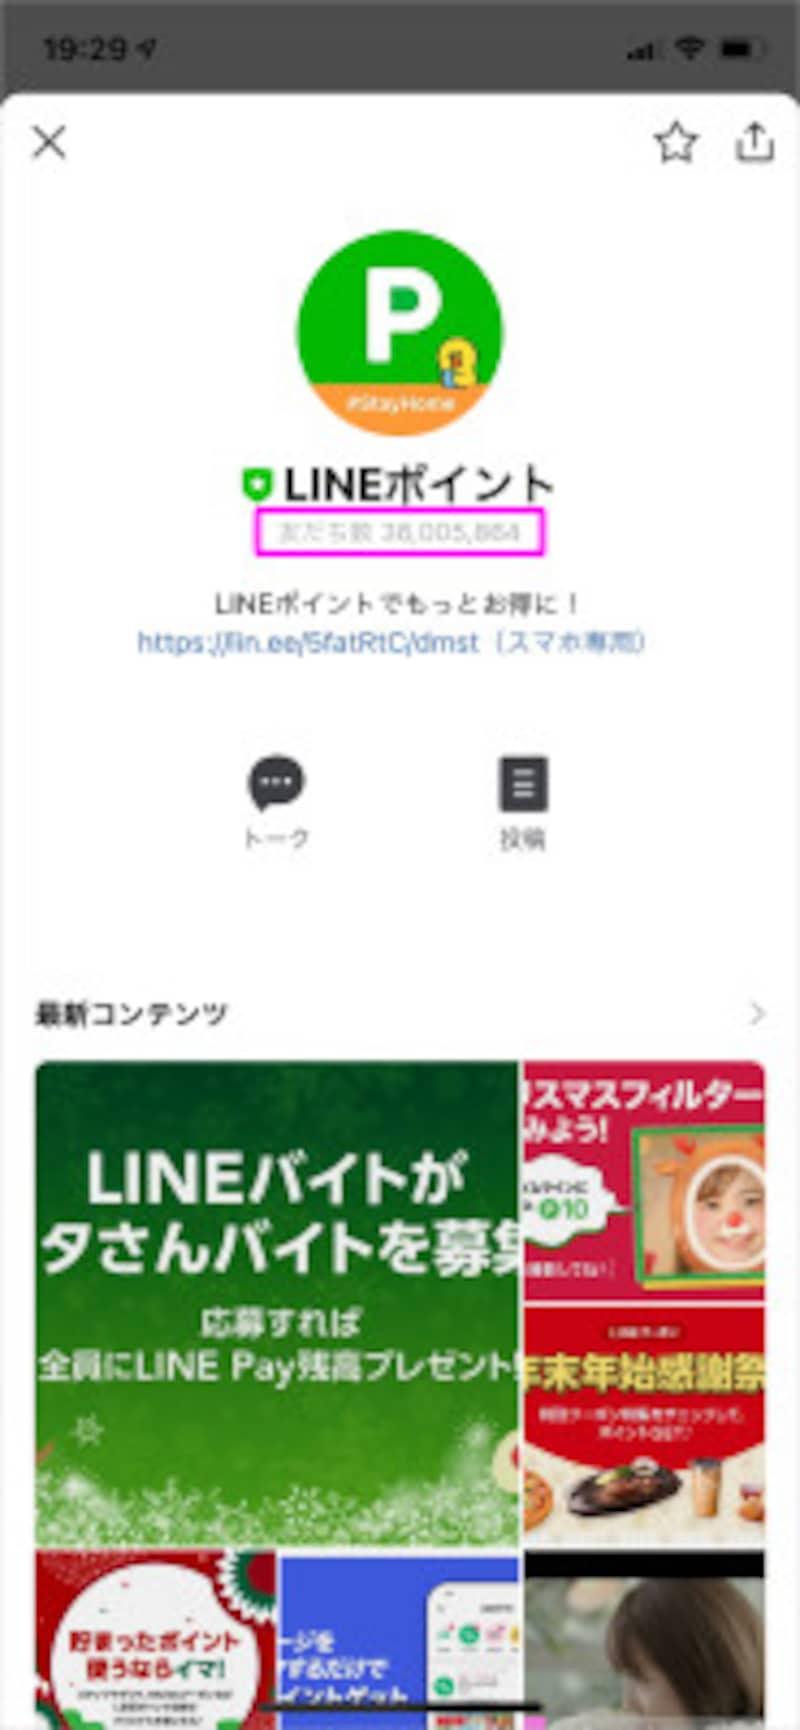 LINEポイント公式アカウントの友だちは2100万人以上